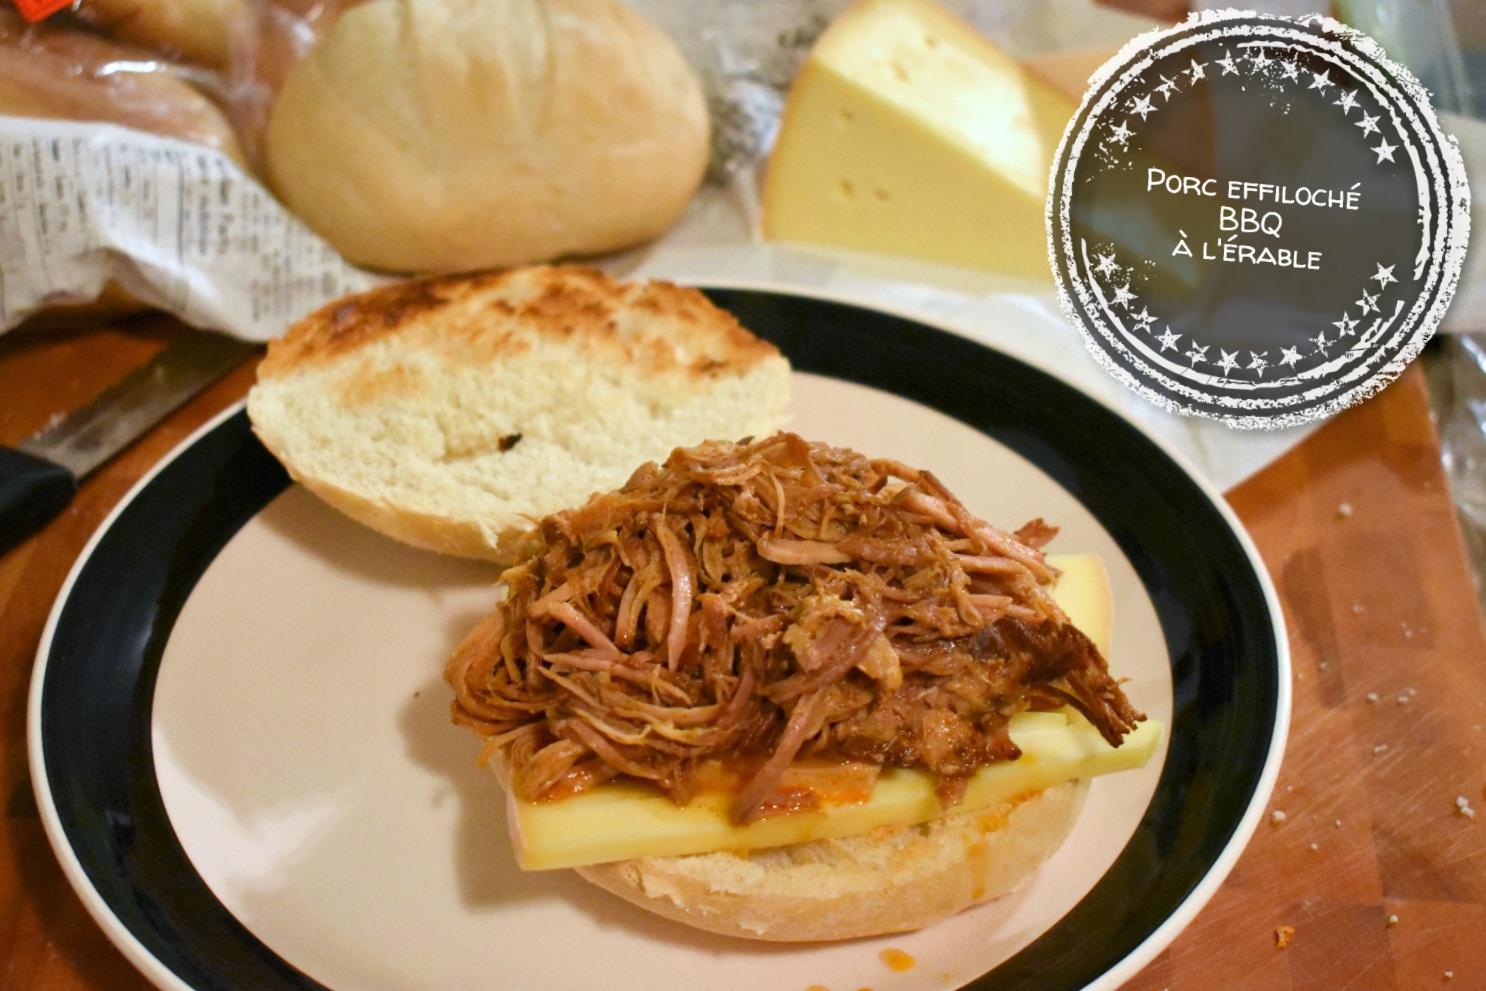 Porc effiloché BBQ à l'érable - Auboutdelalangue.com (9)